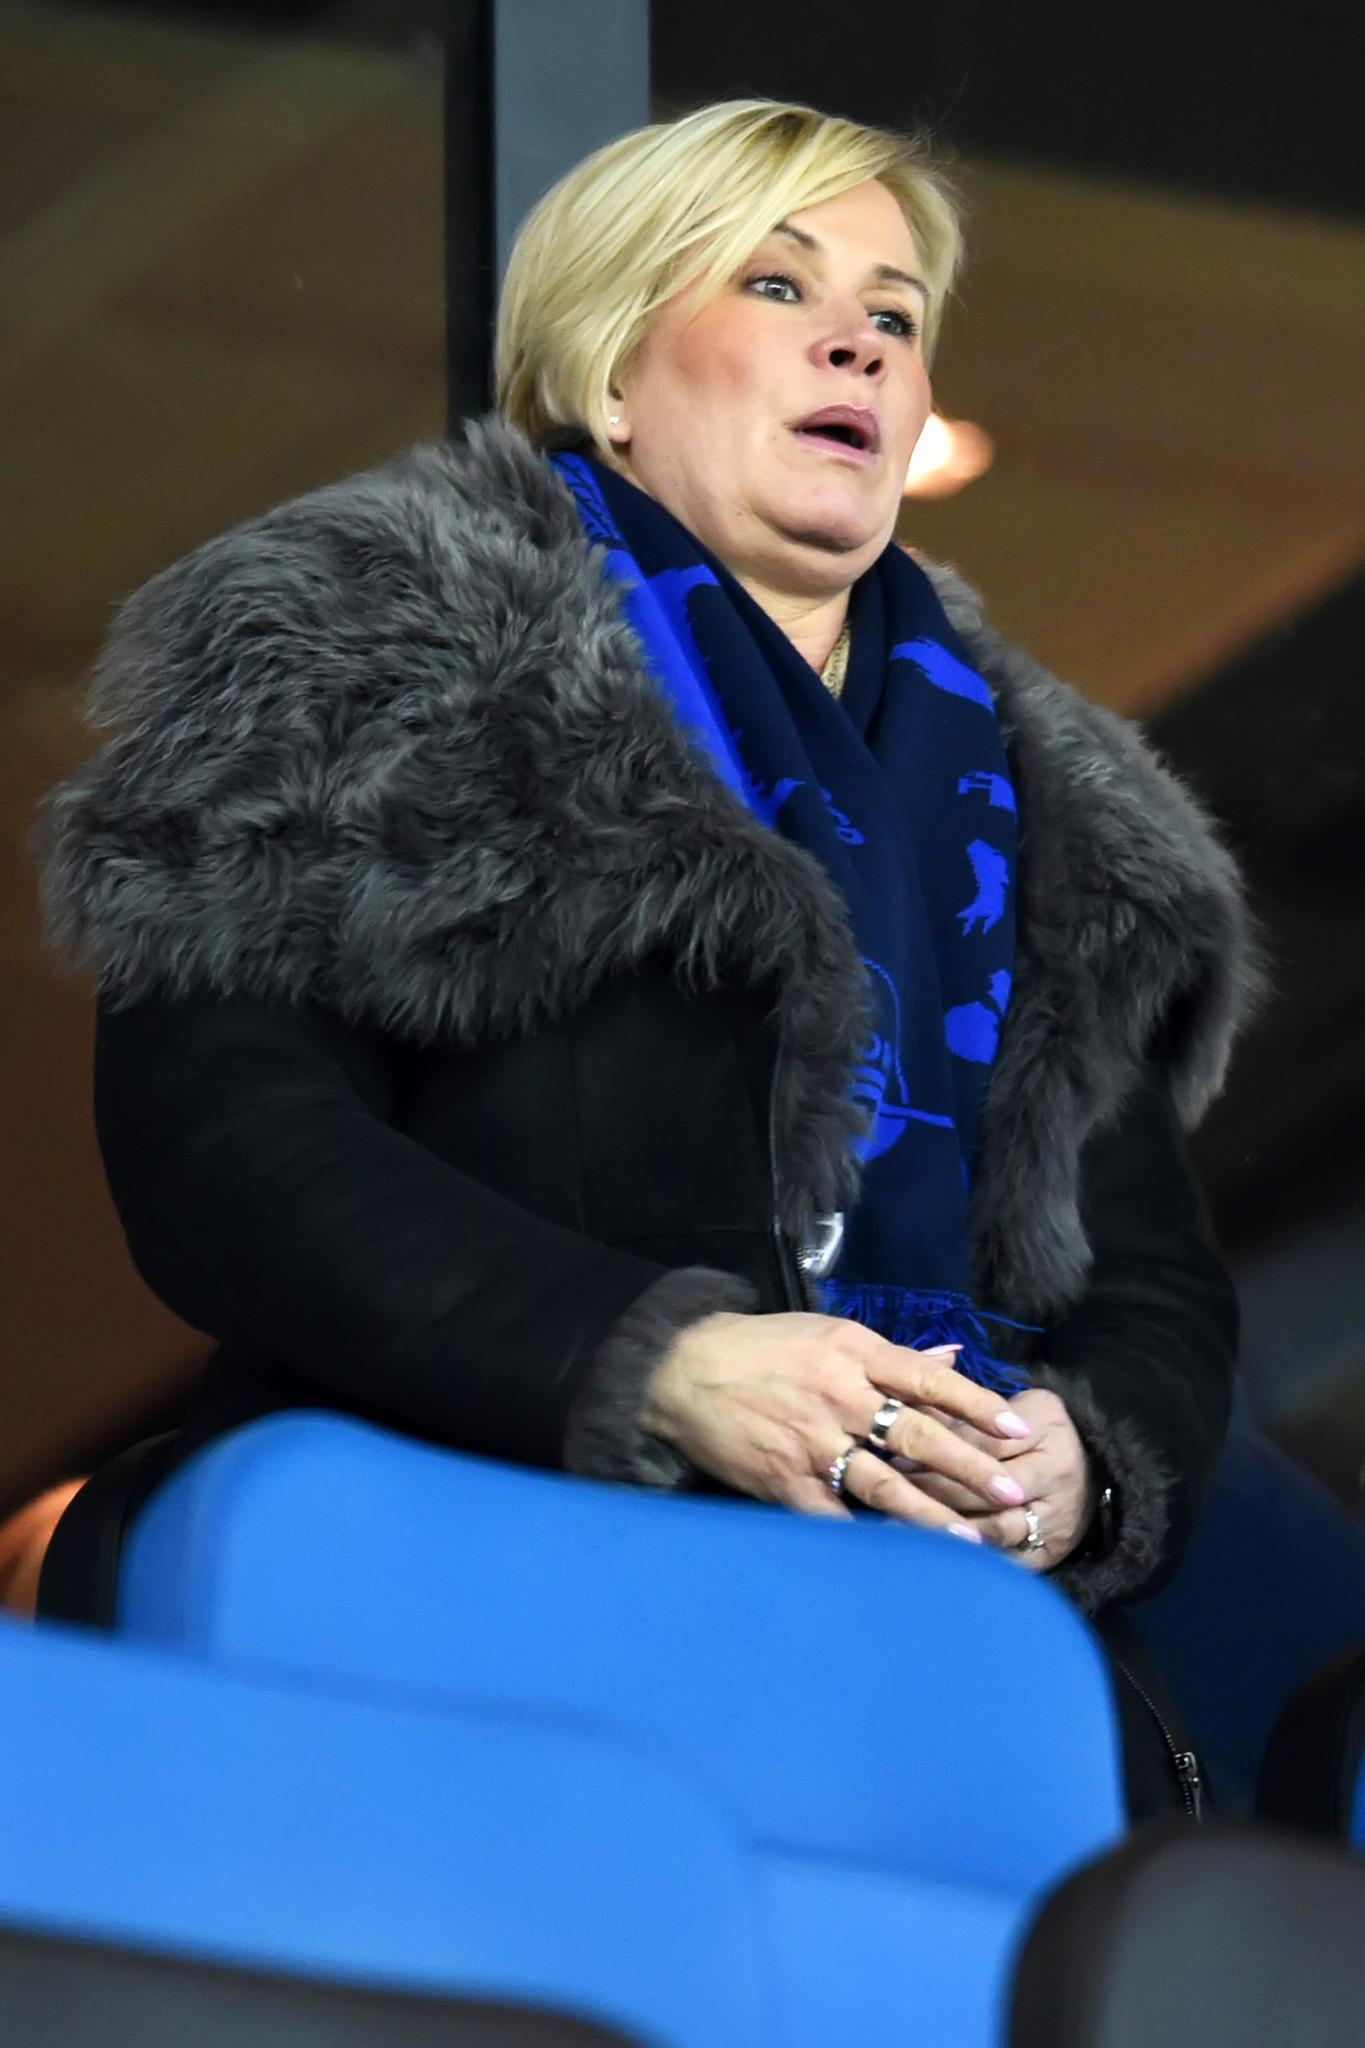 Claudia Effenberg Ihre Unglaubliche Beauty Verwandlung Gala De